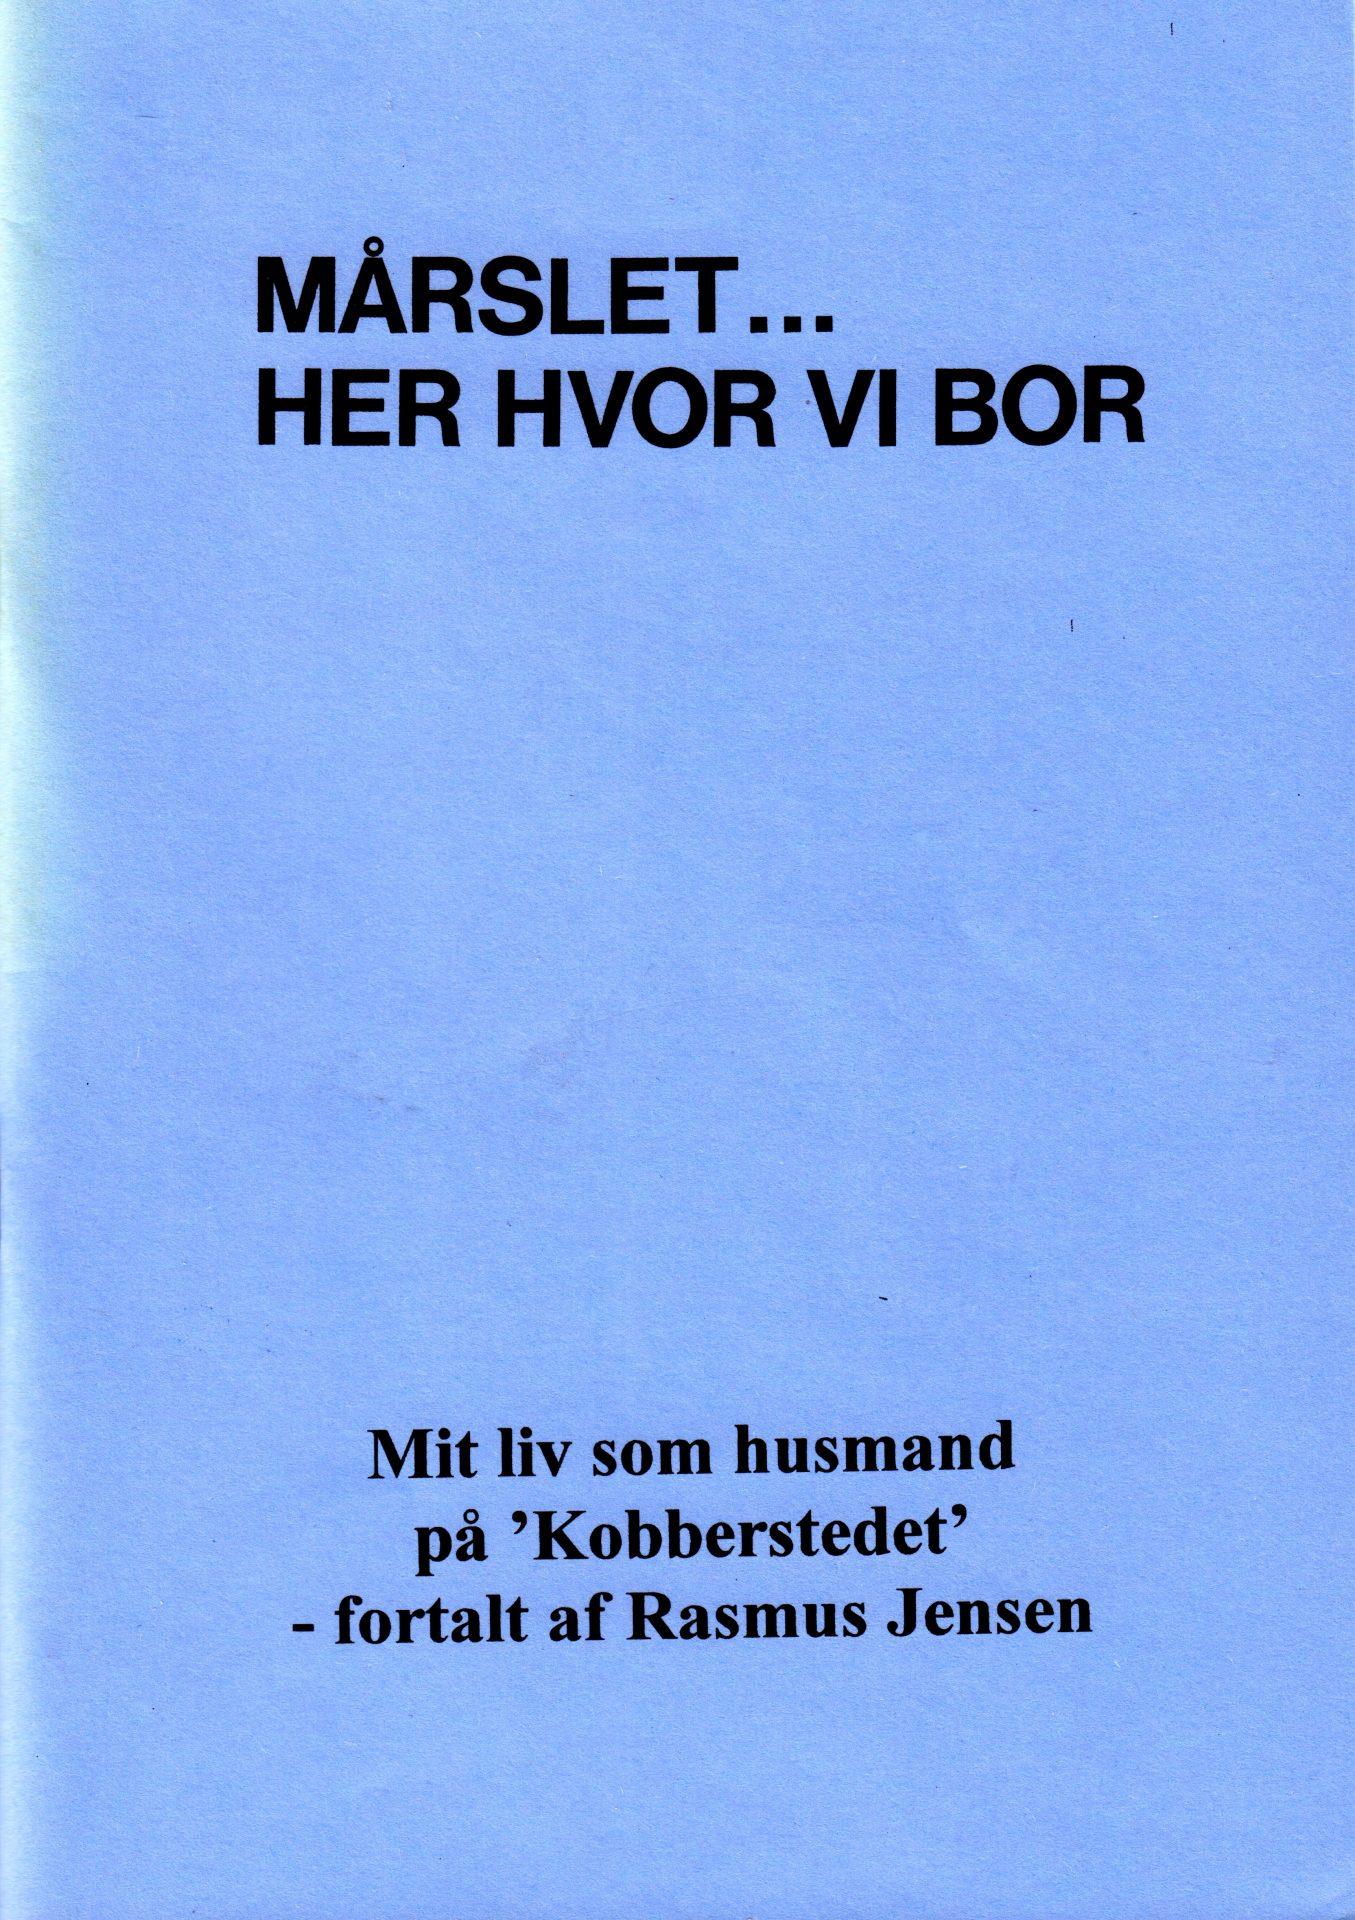 hvad kalder islændere deres ejet land